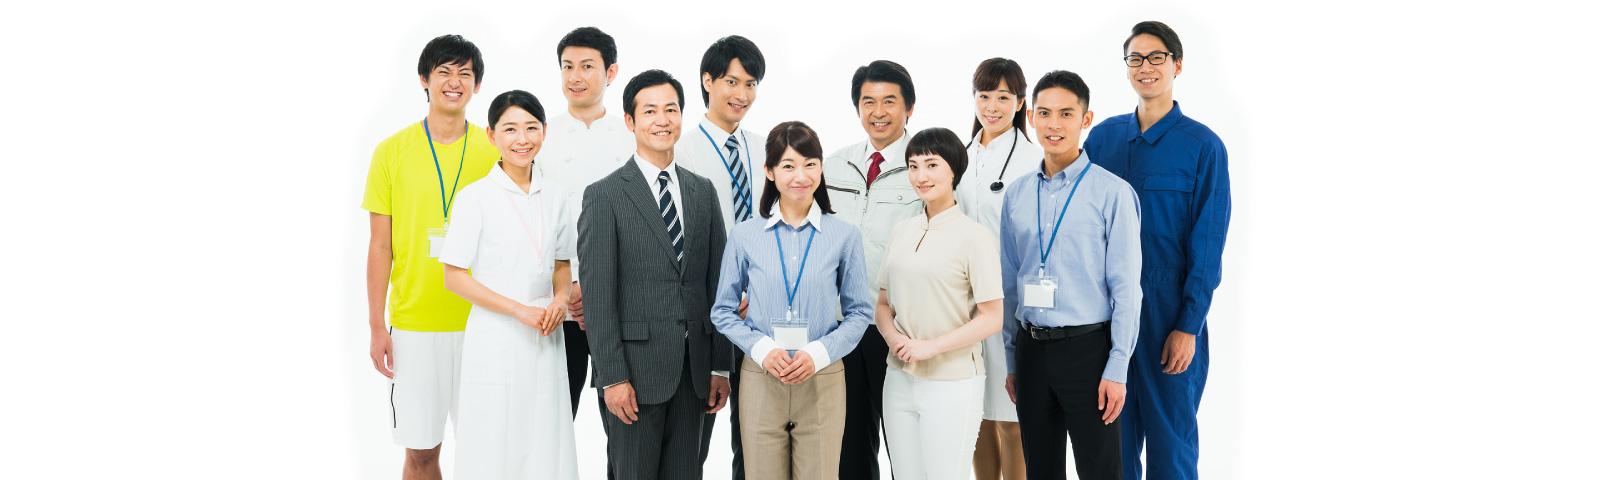 学生・若手社員からシニアまでのキャリア形成支援